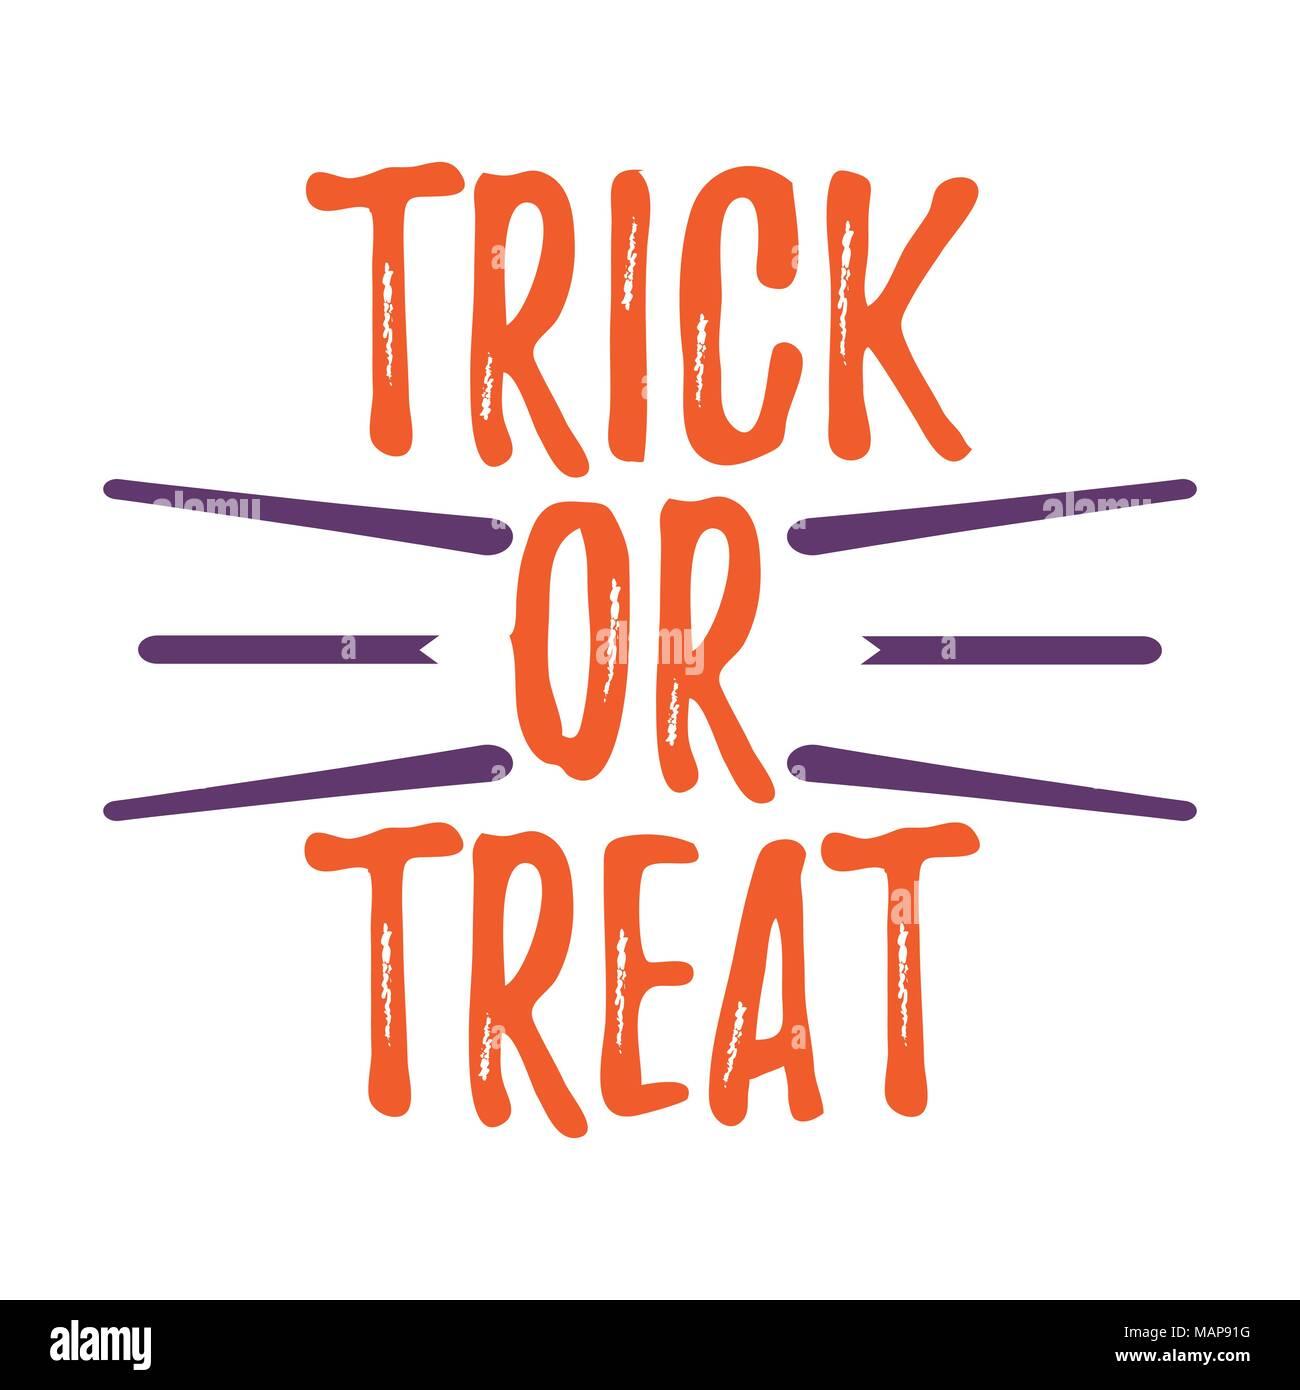 Happy Halloween Carte de souhaits avec texte calligraphié. Affiches et de bannières d'Halloween sur fond blanc. Vector illustration. Illustration de Vecteur